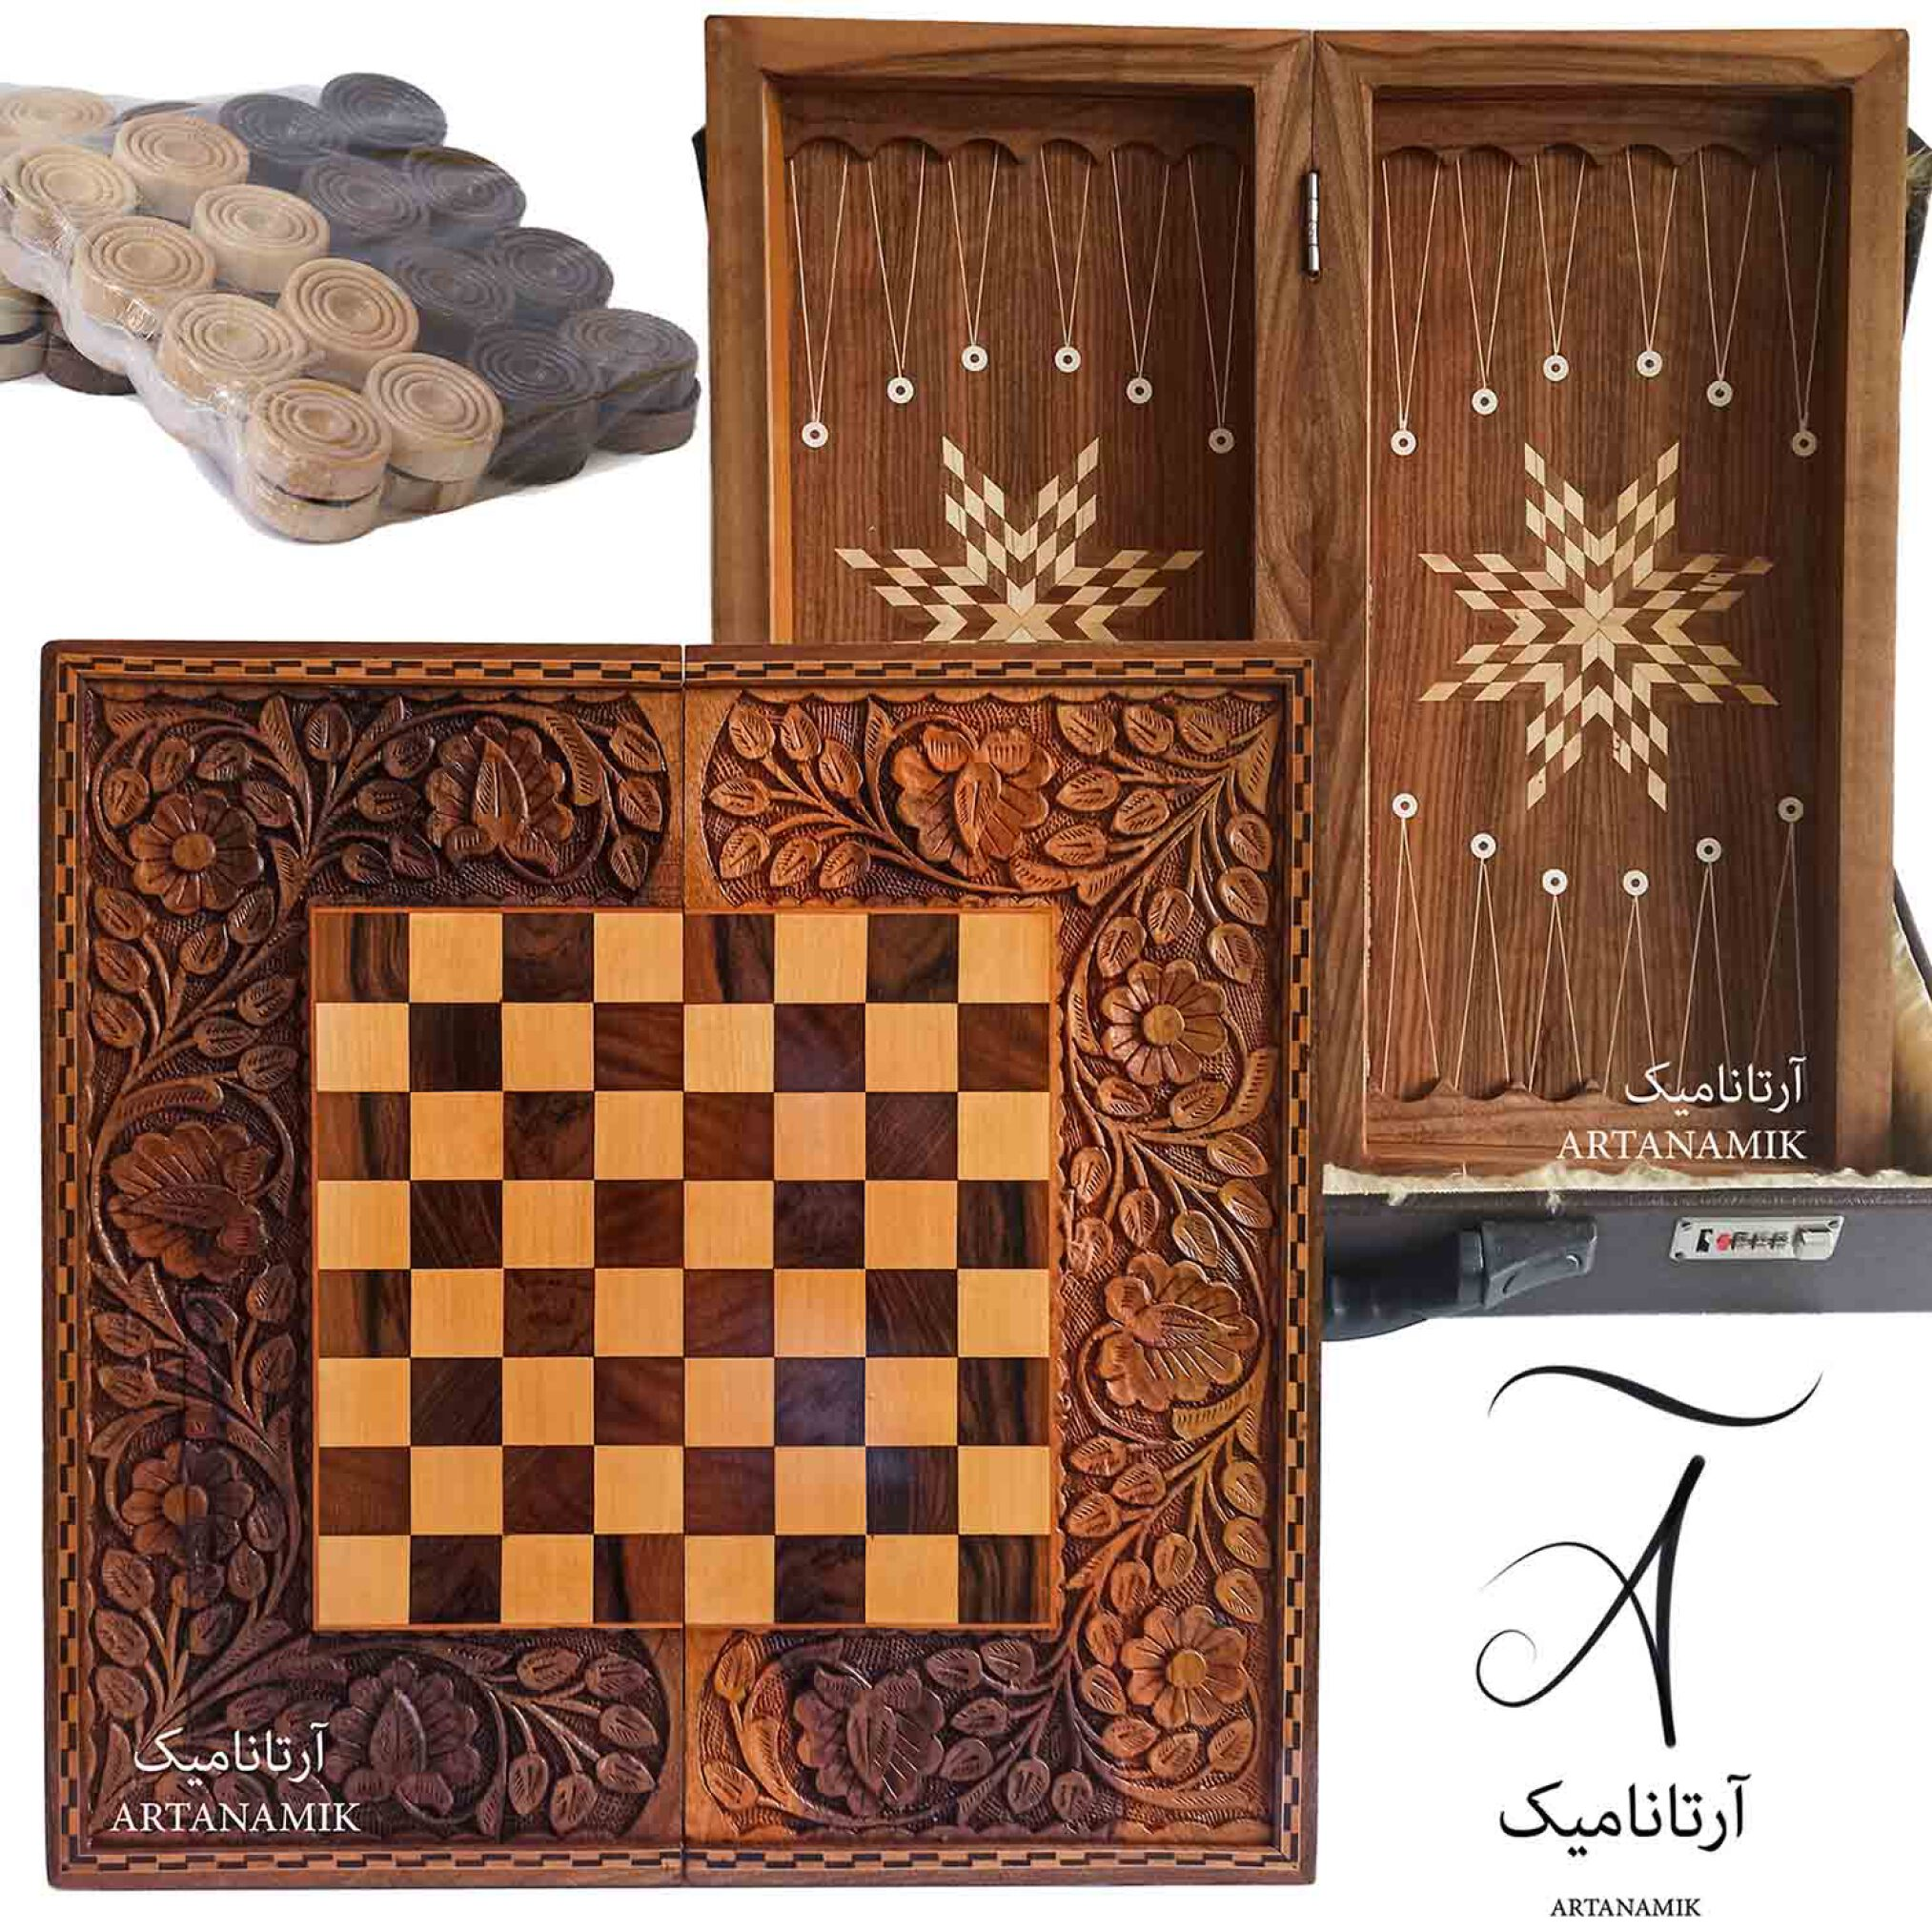 خرید تخته نرد و شطرنج منبت کاری، تخته نرد کادویی و تخته نرد نفیس روی چوب گردو